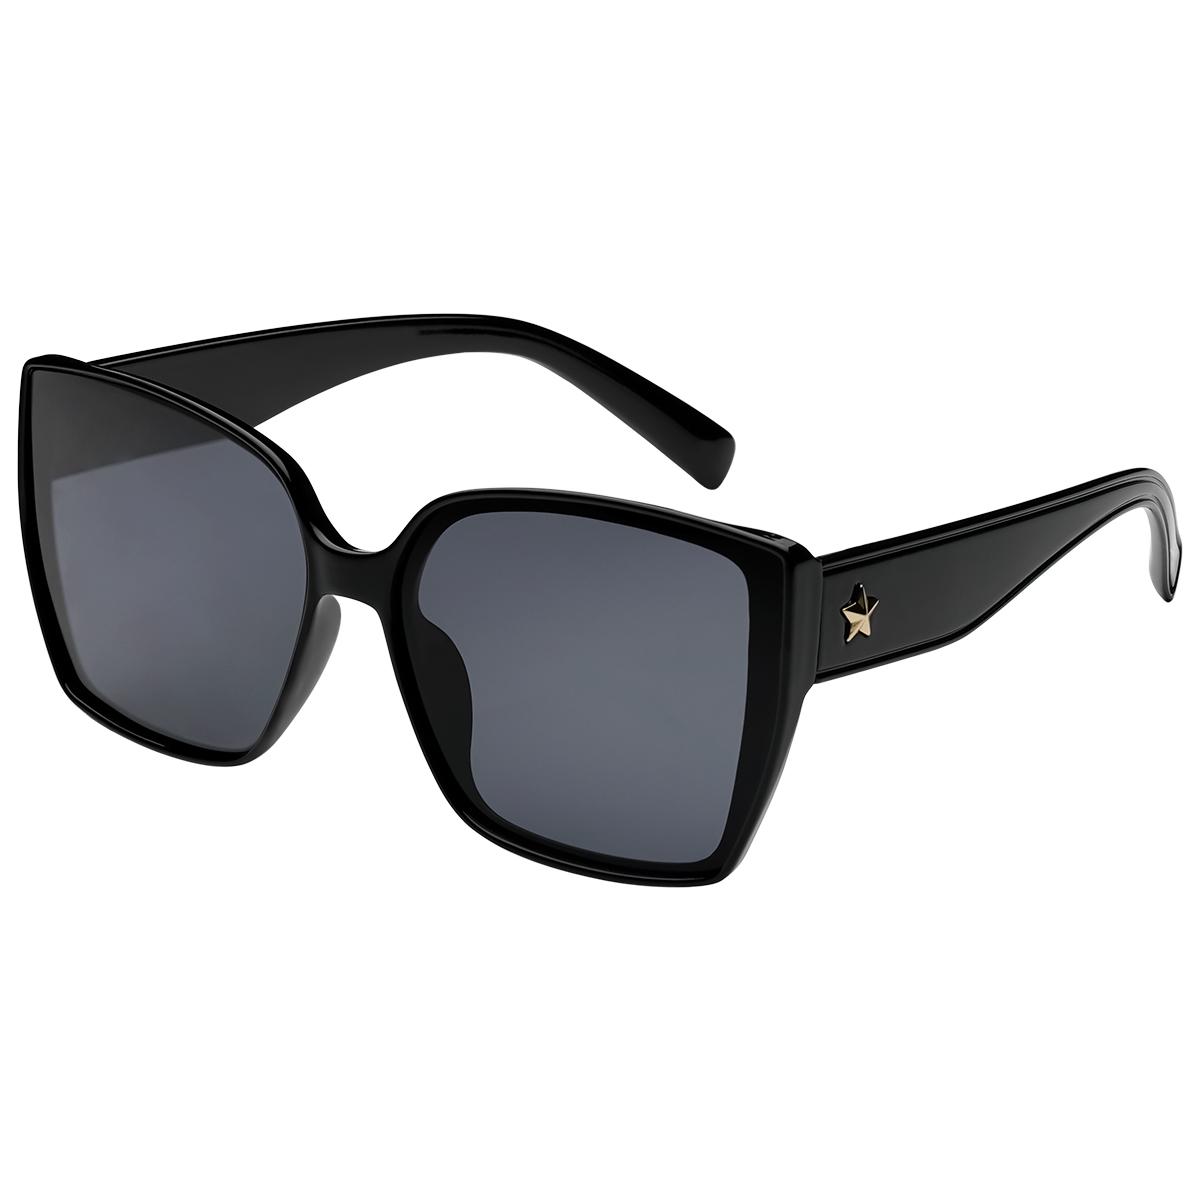 Zonnebril ster zwart zwarte vierkante dames zonnebrillen ster stud zijkanten trendy festival brillen musthaves kopen bestellen yehwang